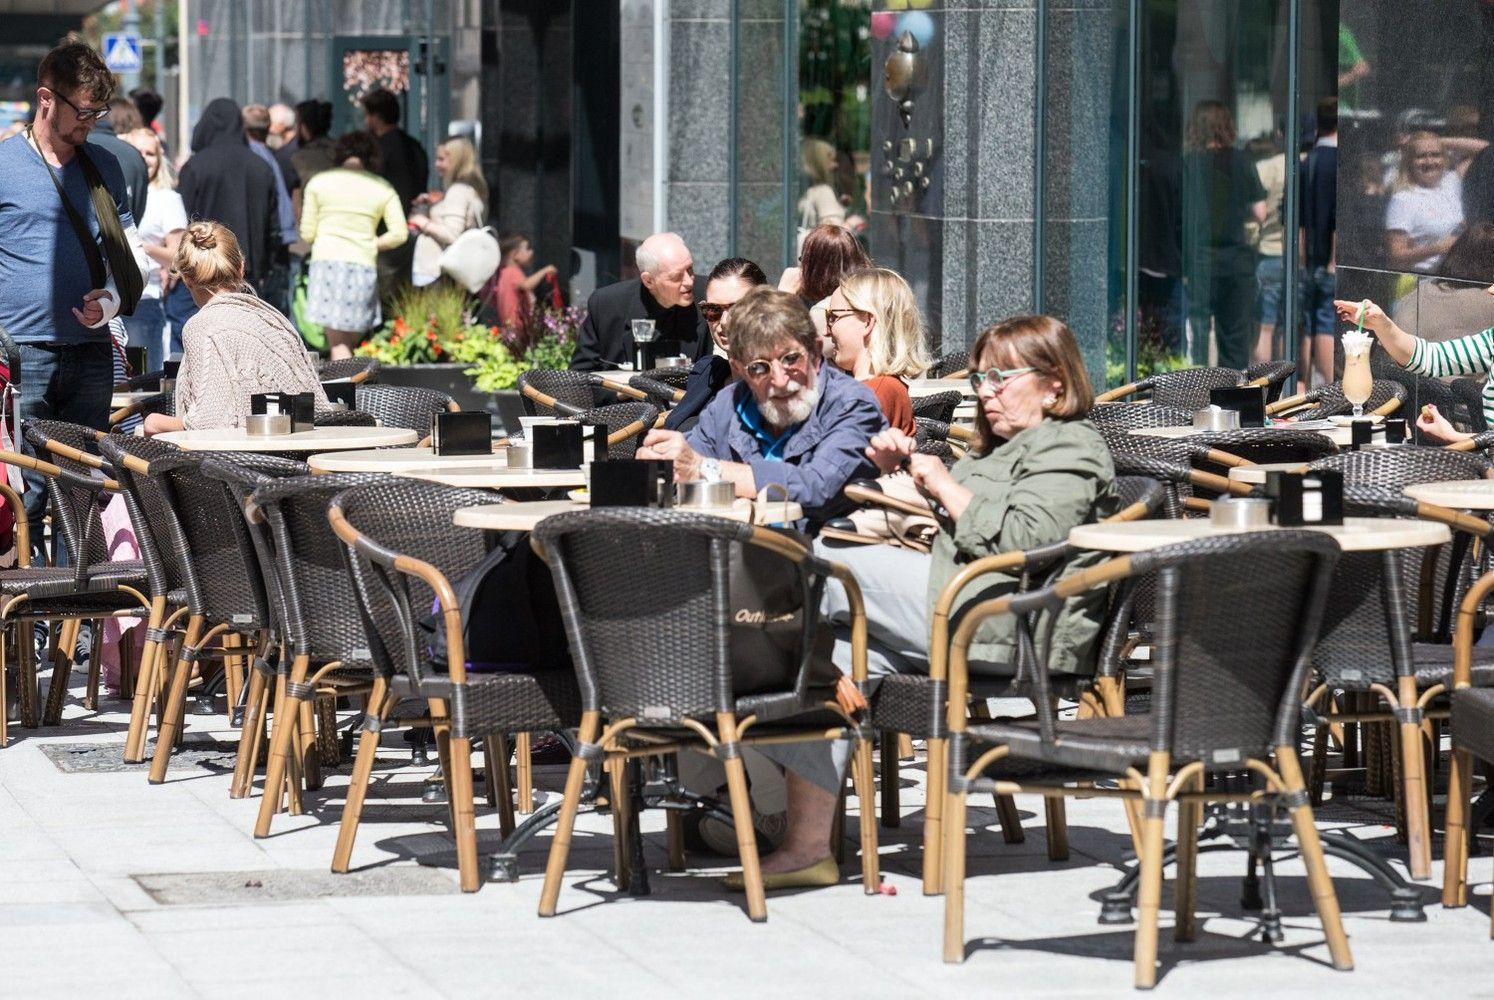 Vilniaus miesto savivaldybė skelbia konkursą lauko kavinėms įrengti